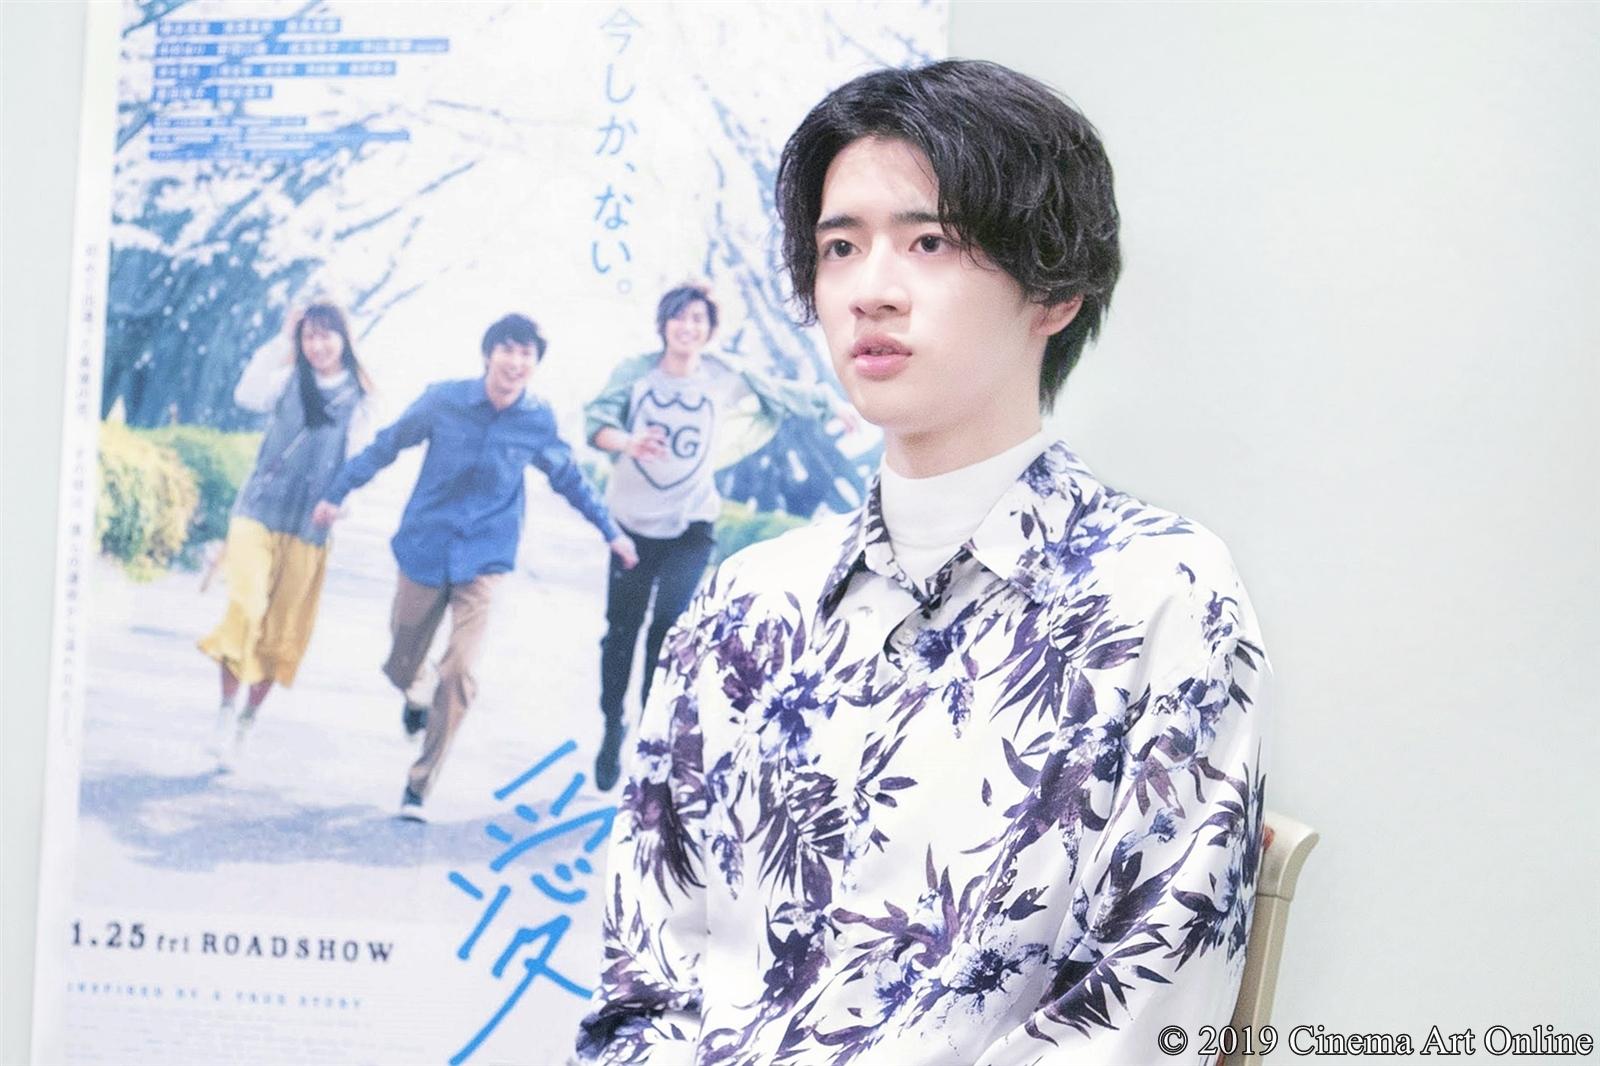 【写真】映画『愛唄 ー約束のナクヒトー』飯島寛騎インタビュー